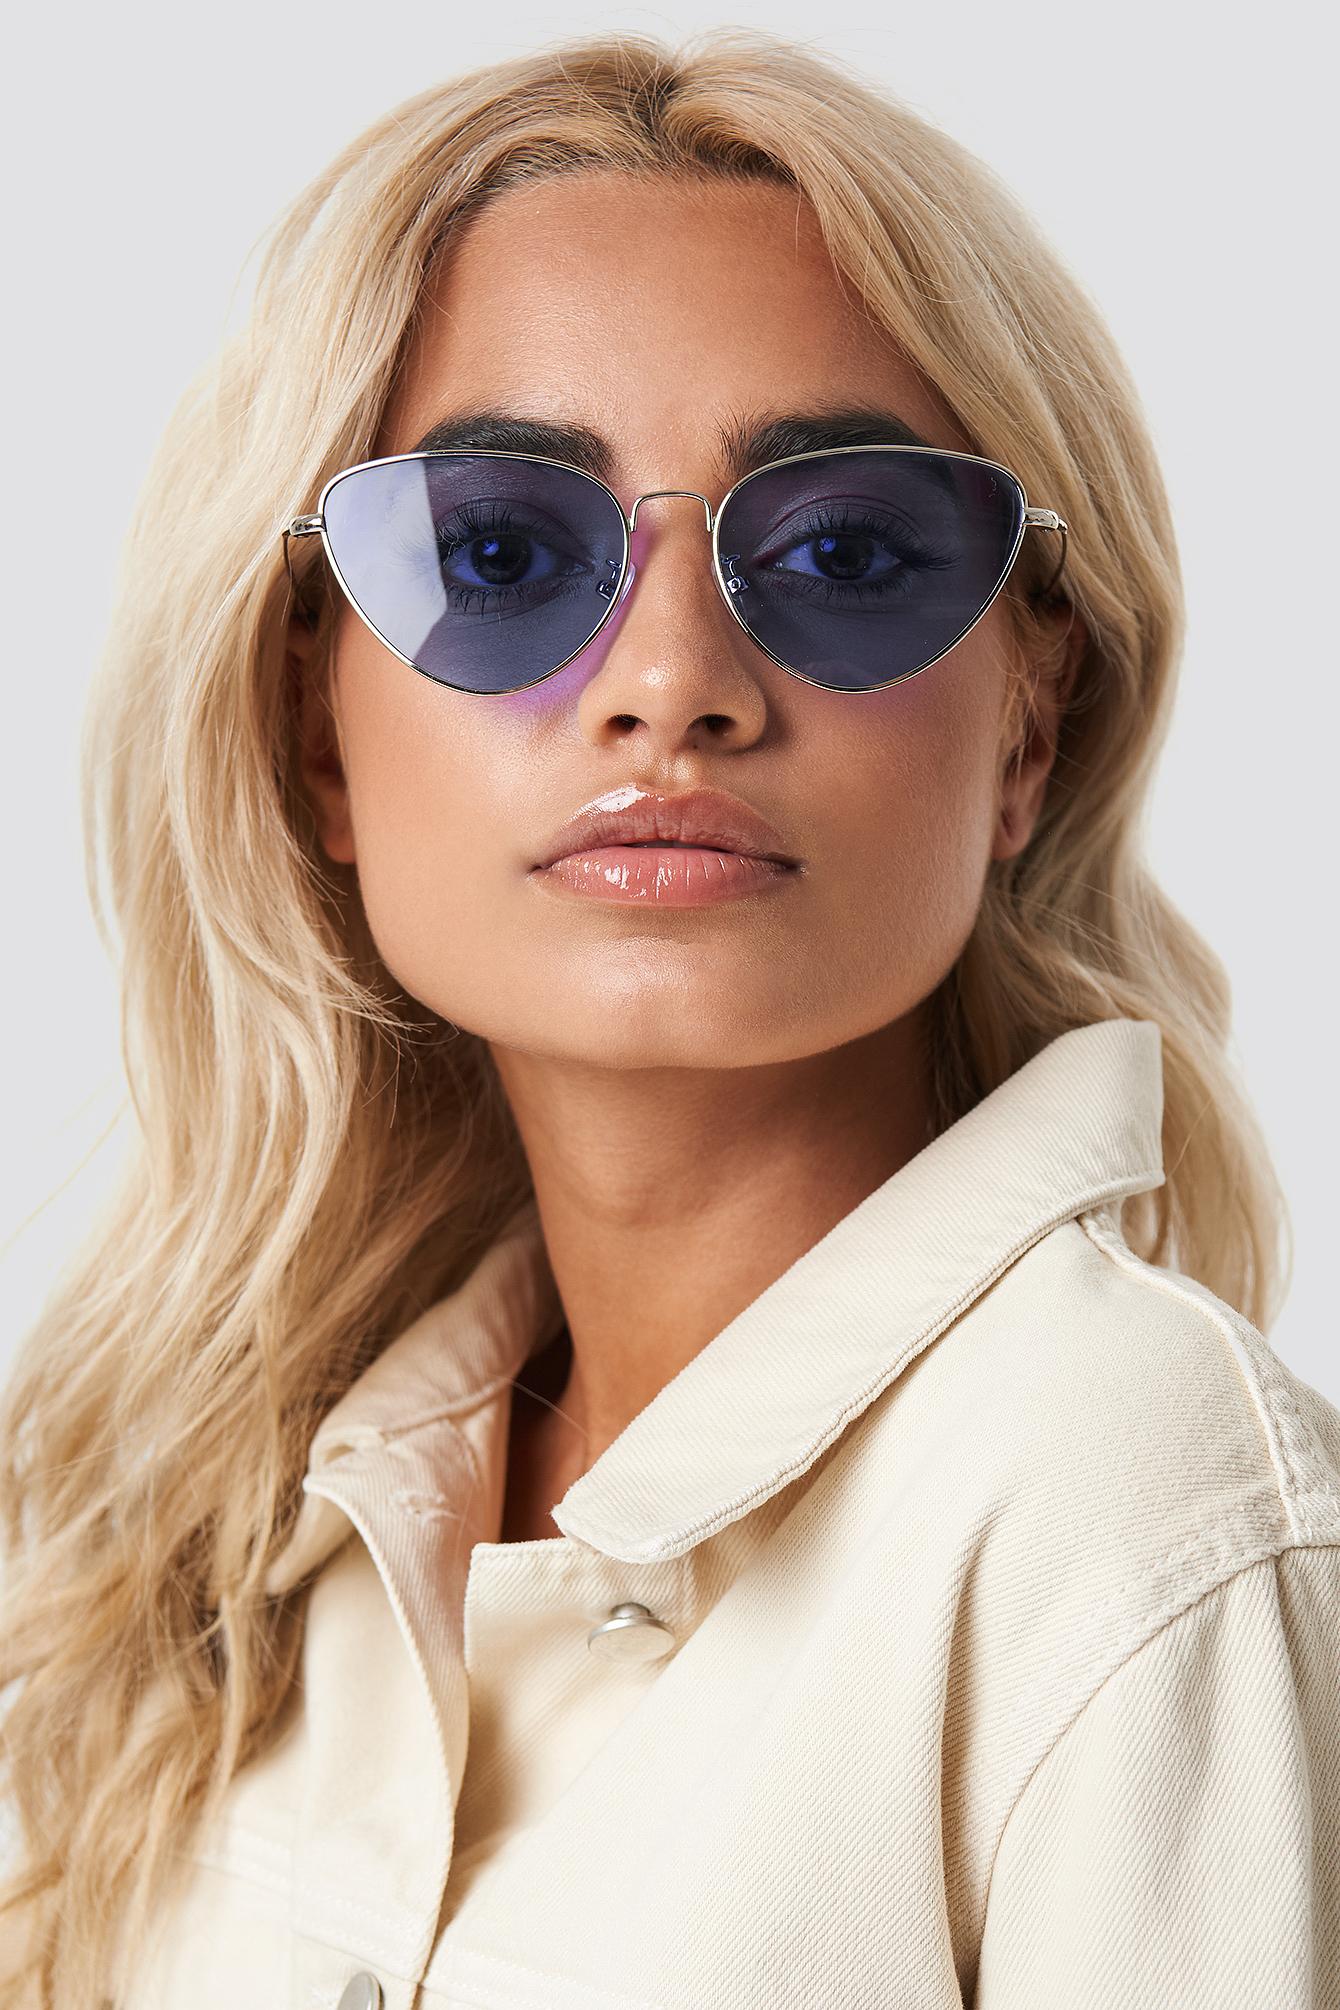 na-kd accessories -  Colored Cateye Sunglasses - Purple